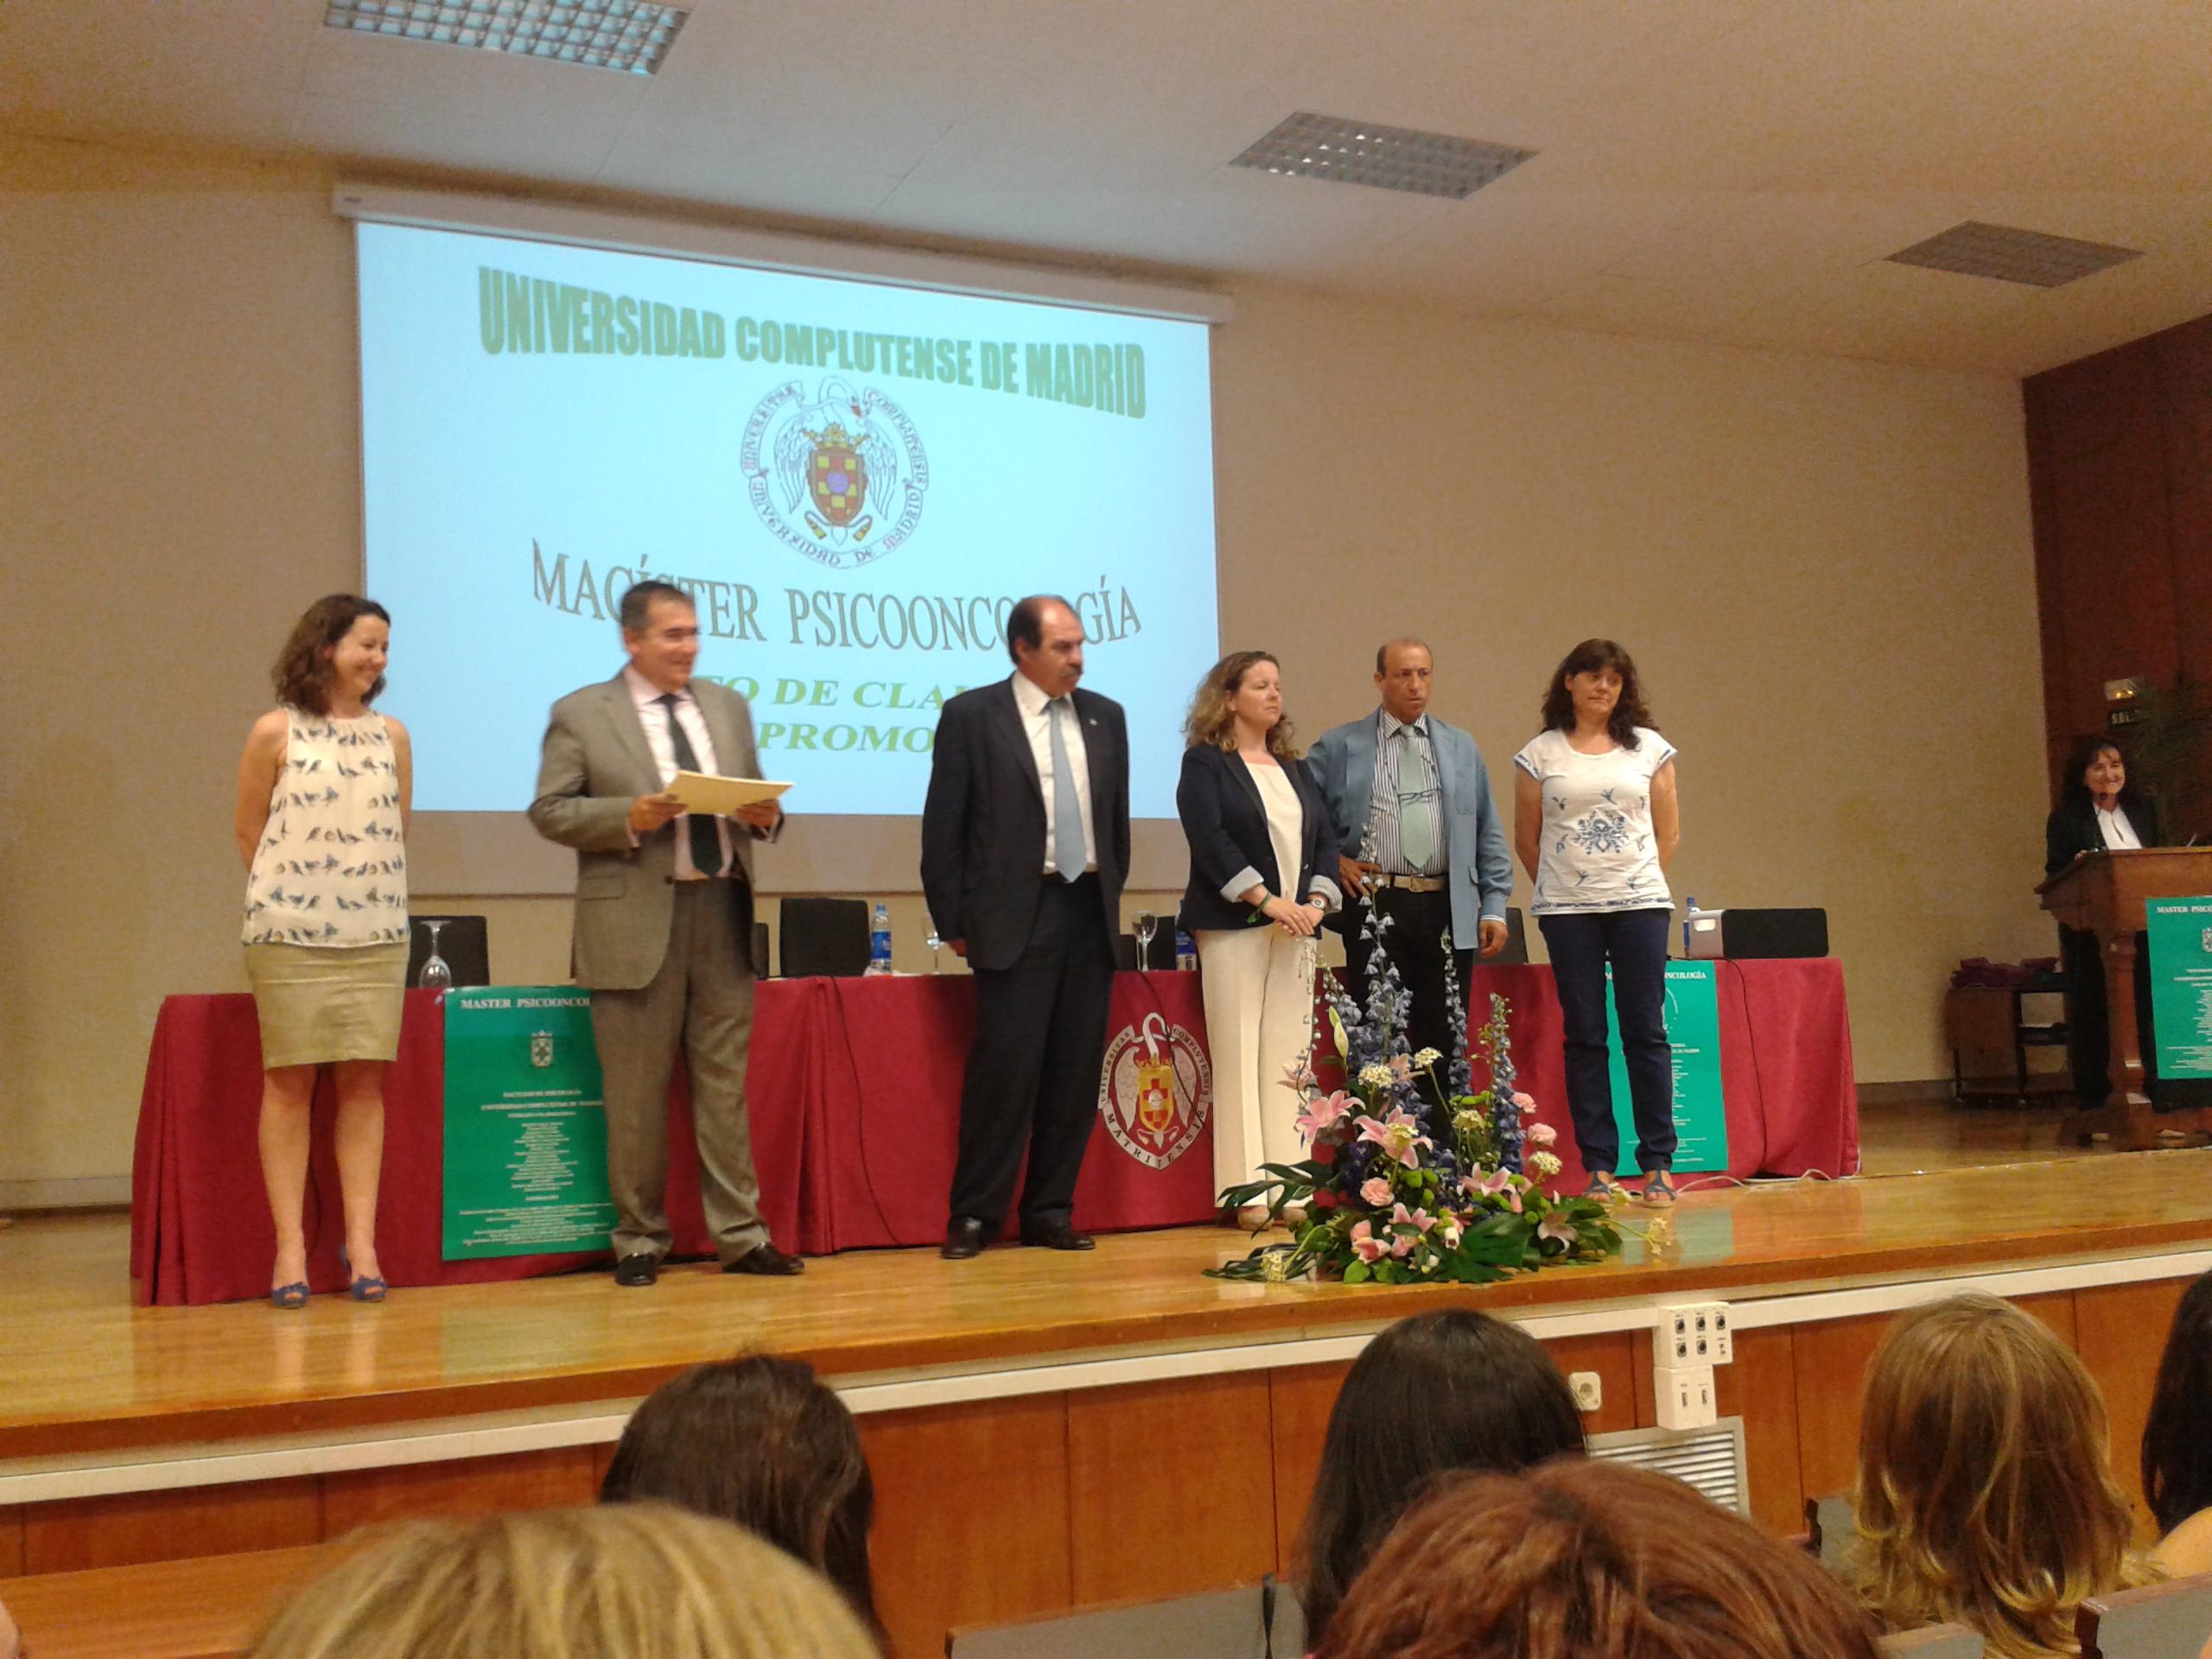 ASACO graduacion psicooncologia UCM 2013 diplomas